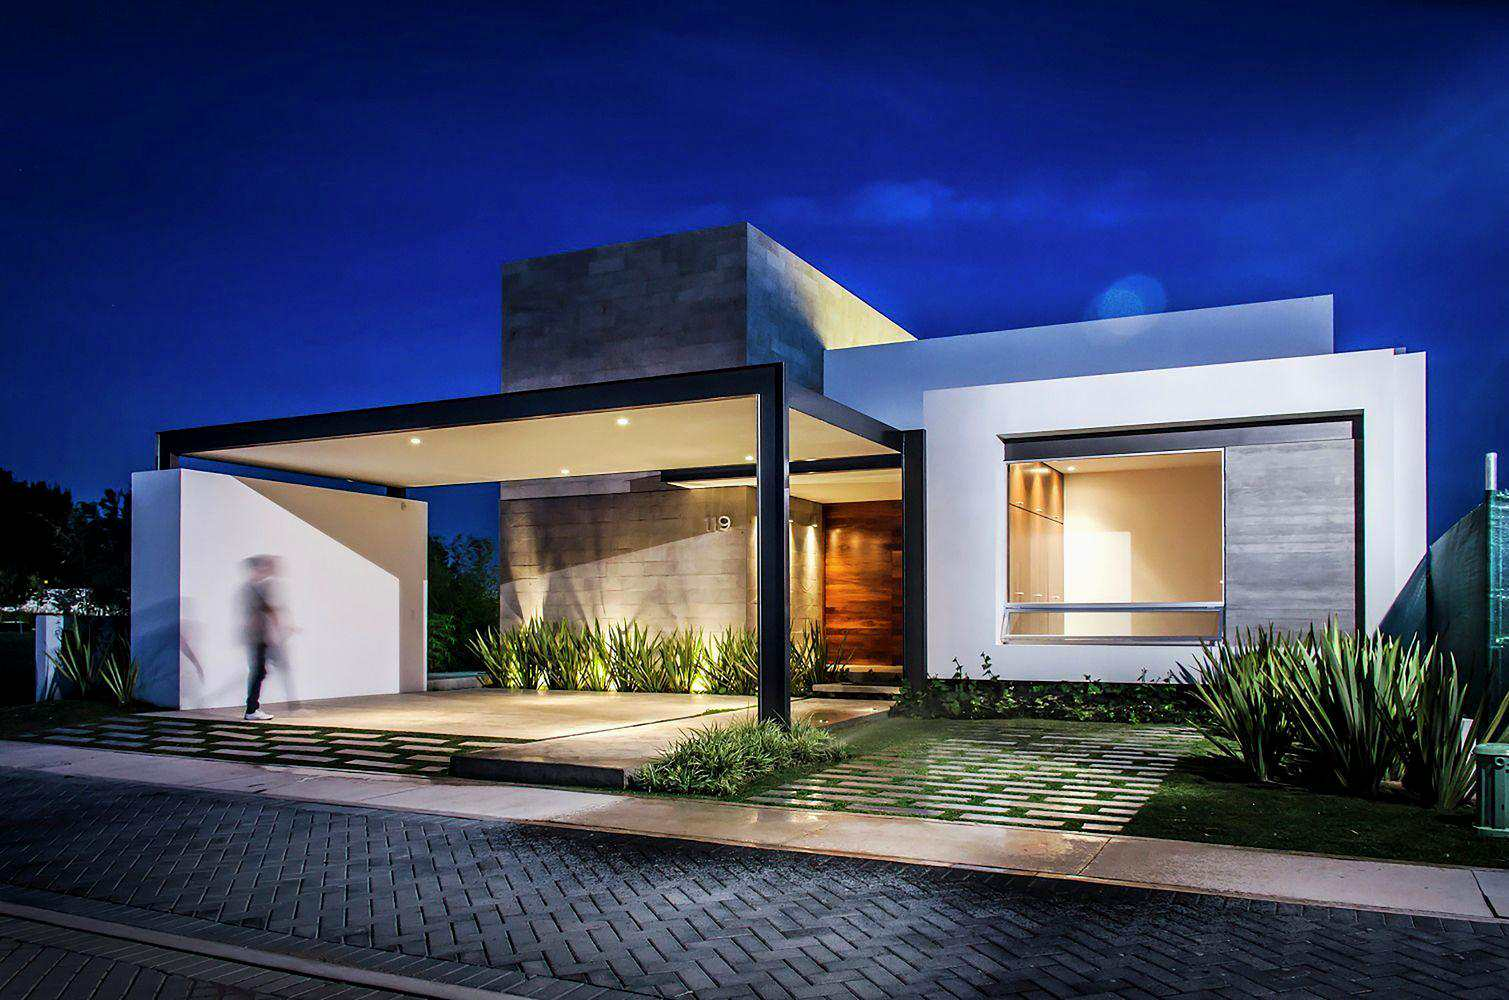 Casa com 2 dorms, Vila Sônia, Praia Grande - R$ 99.9 mi, Cod: 5